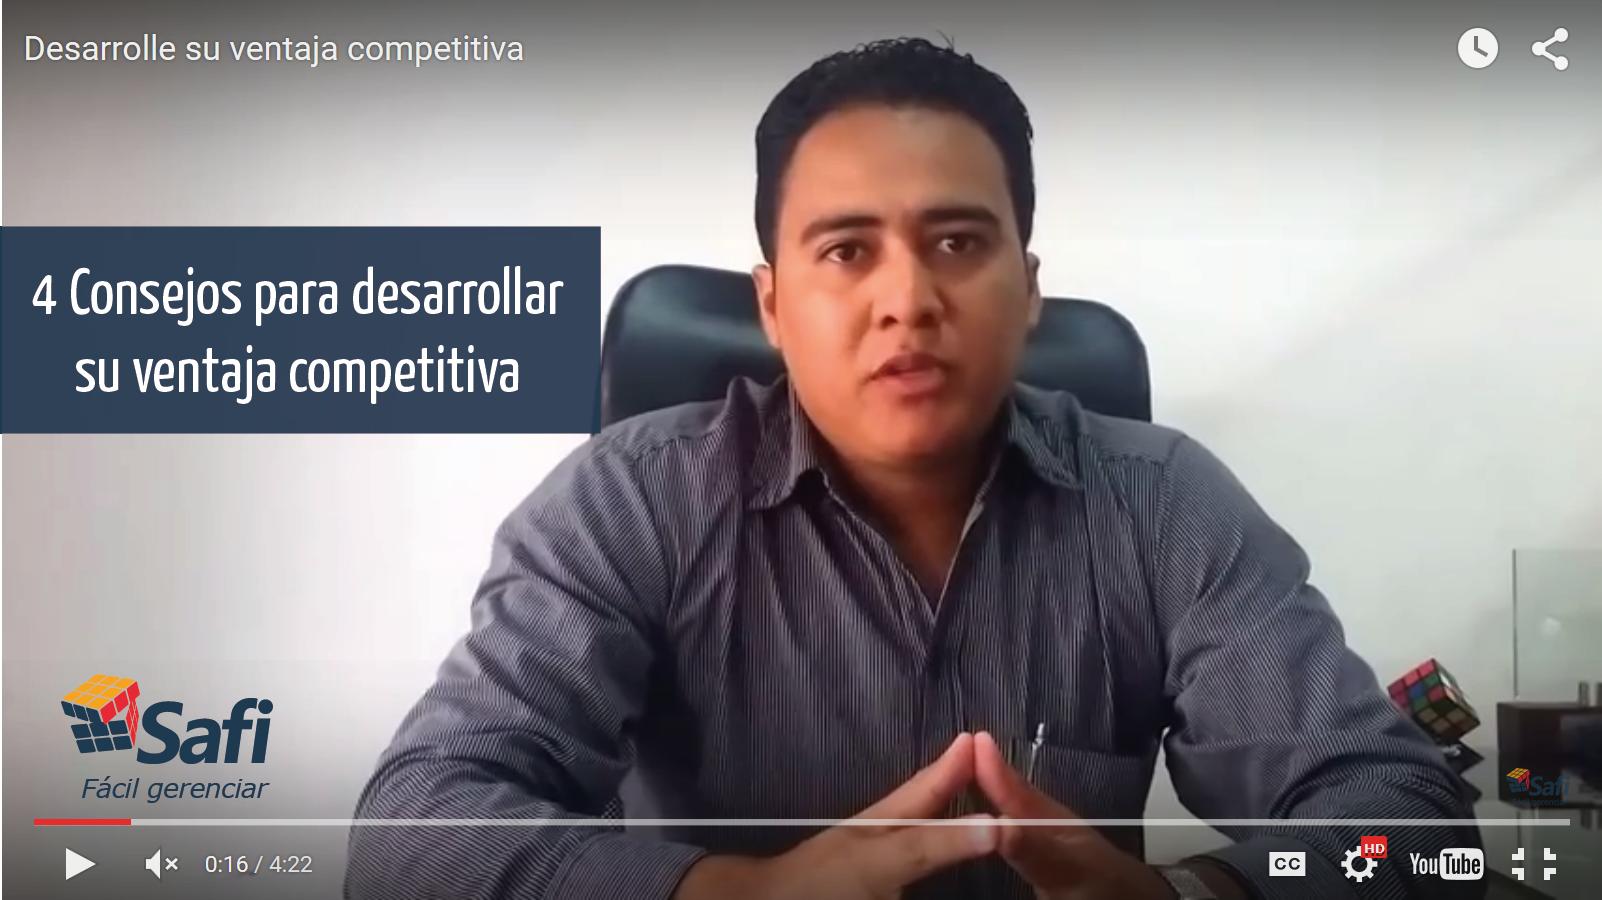 4 Consejos para desarrollar su ventaja competitiva